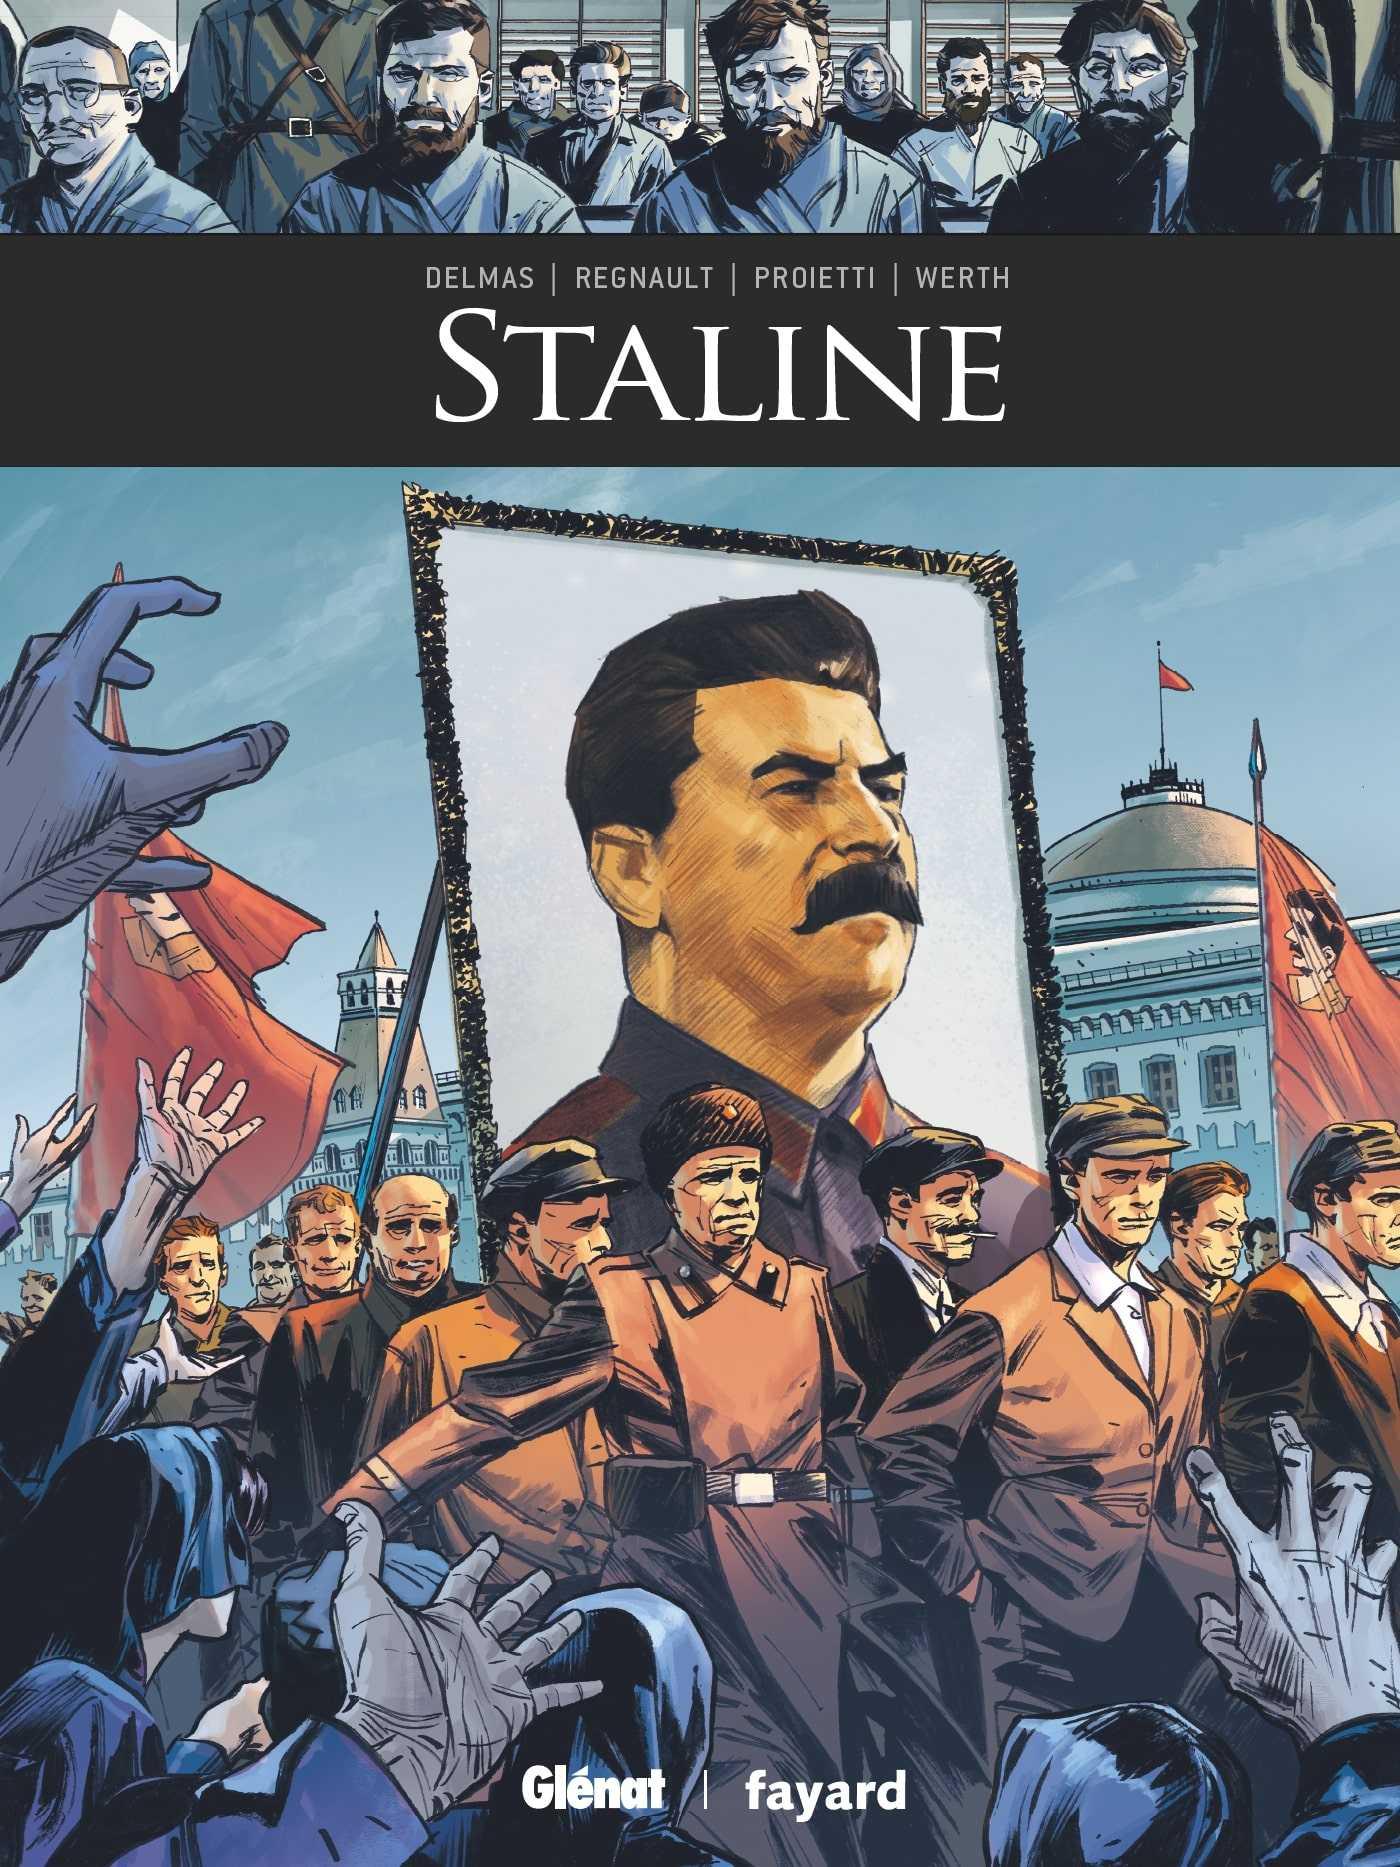 Staline, tyran, mégalo mais indéboulonnable